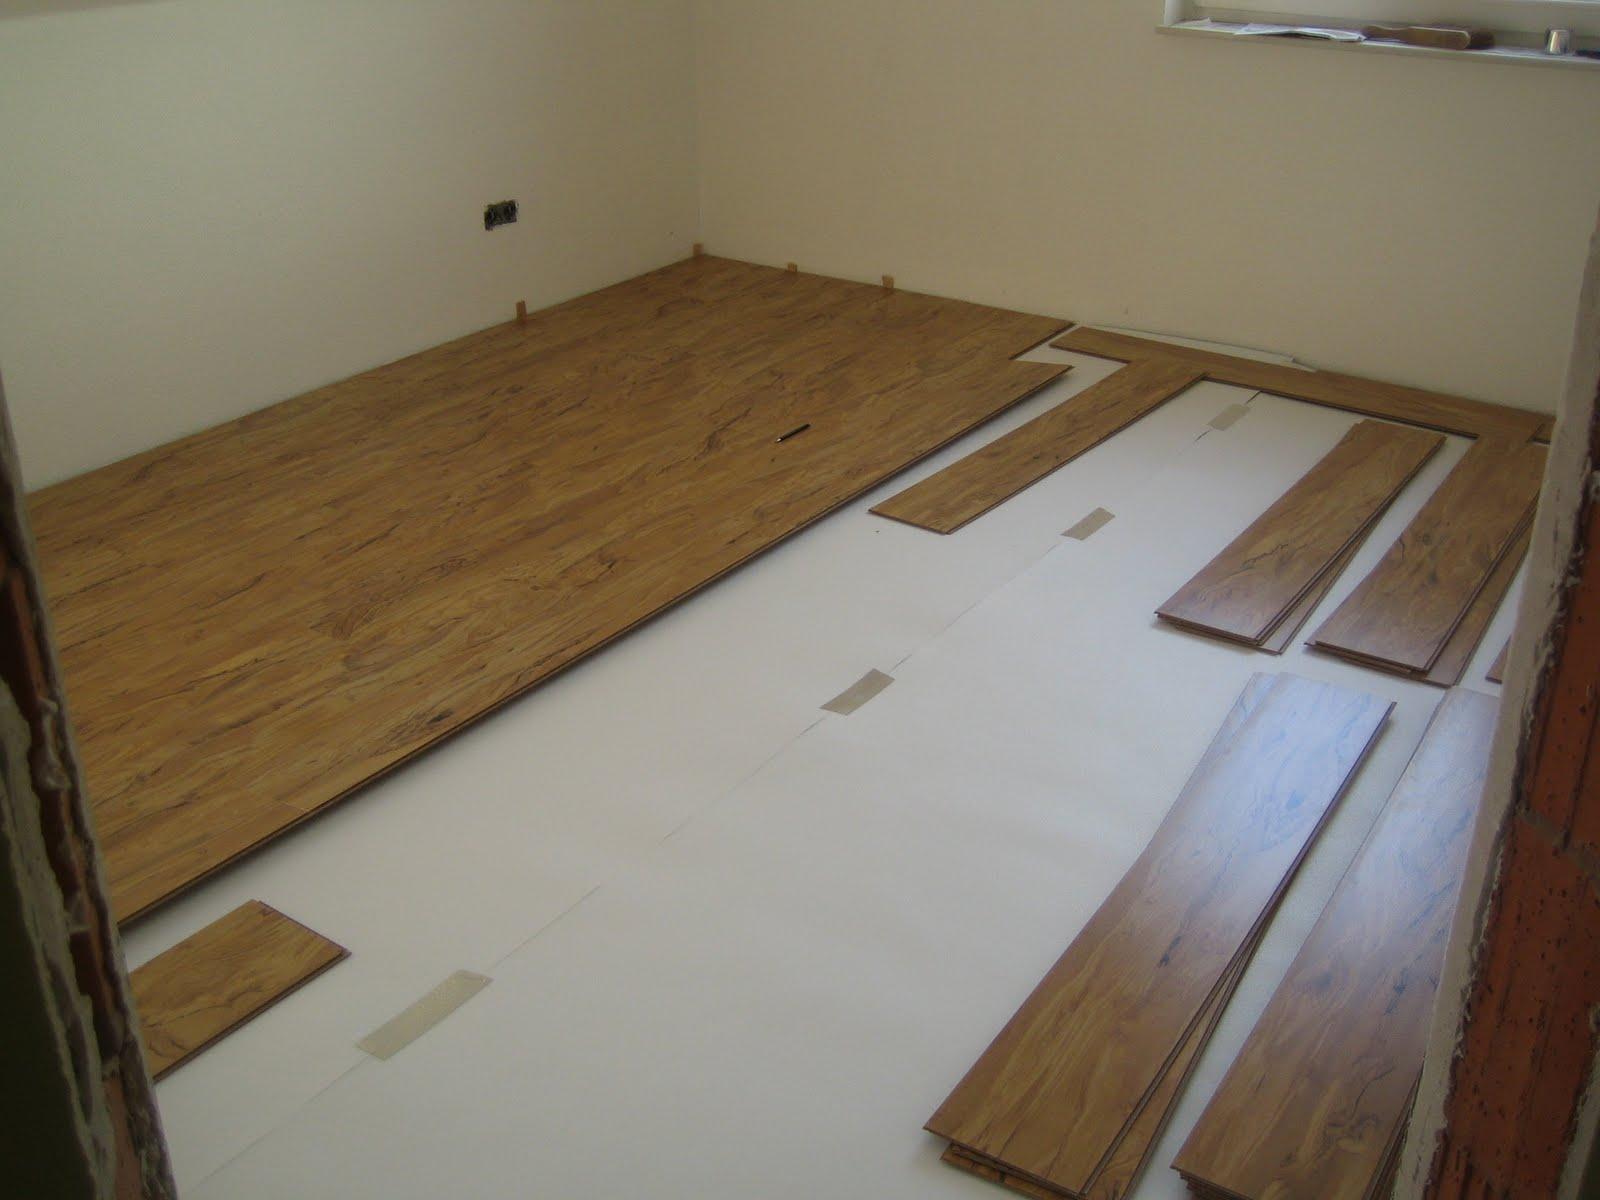 carina und stefan bauen wurd 39 auch zeit lust auf farbe. Black Bedroom Furniture Sets. Home Design Ideas